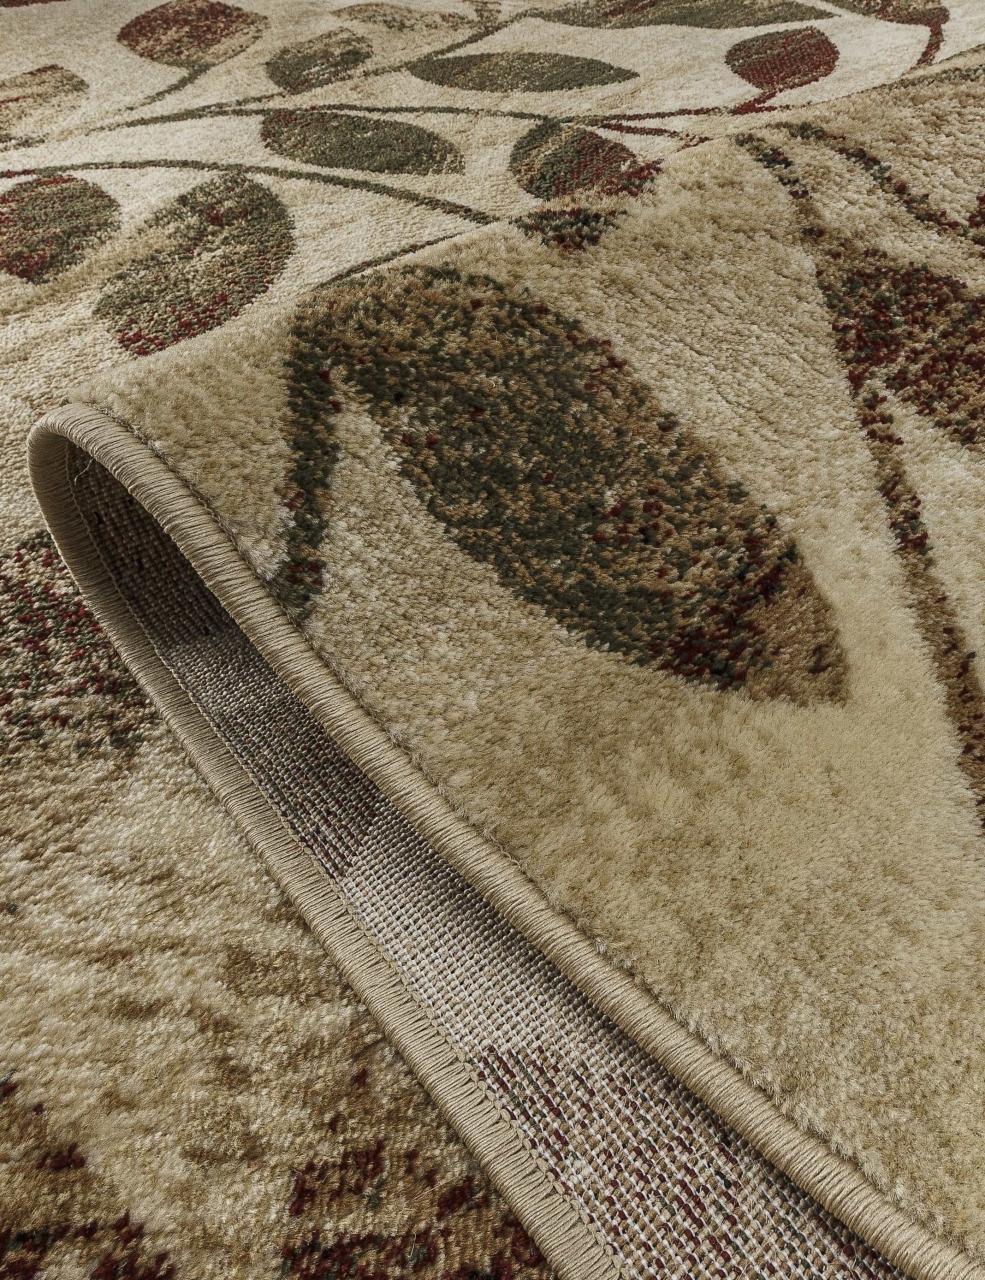 Ковер d347 - BEIGE - Прямоугольник - коллекция OLYMPOS - фото 2